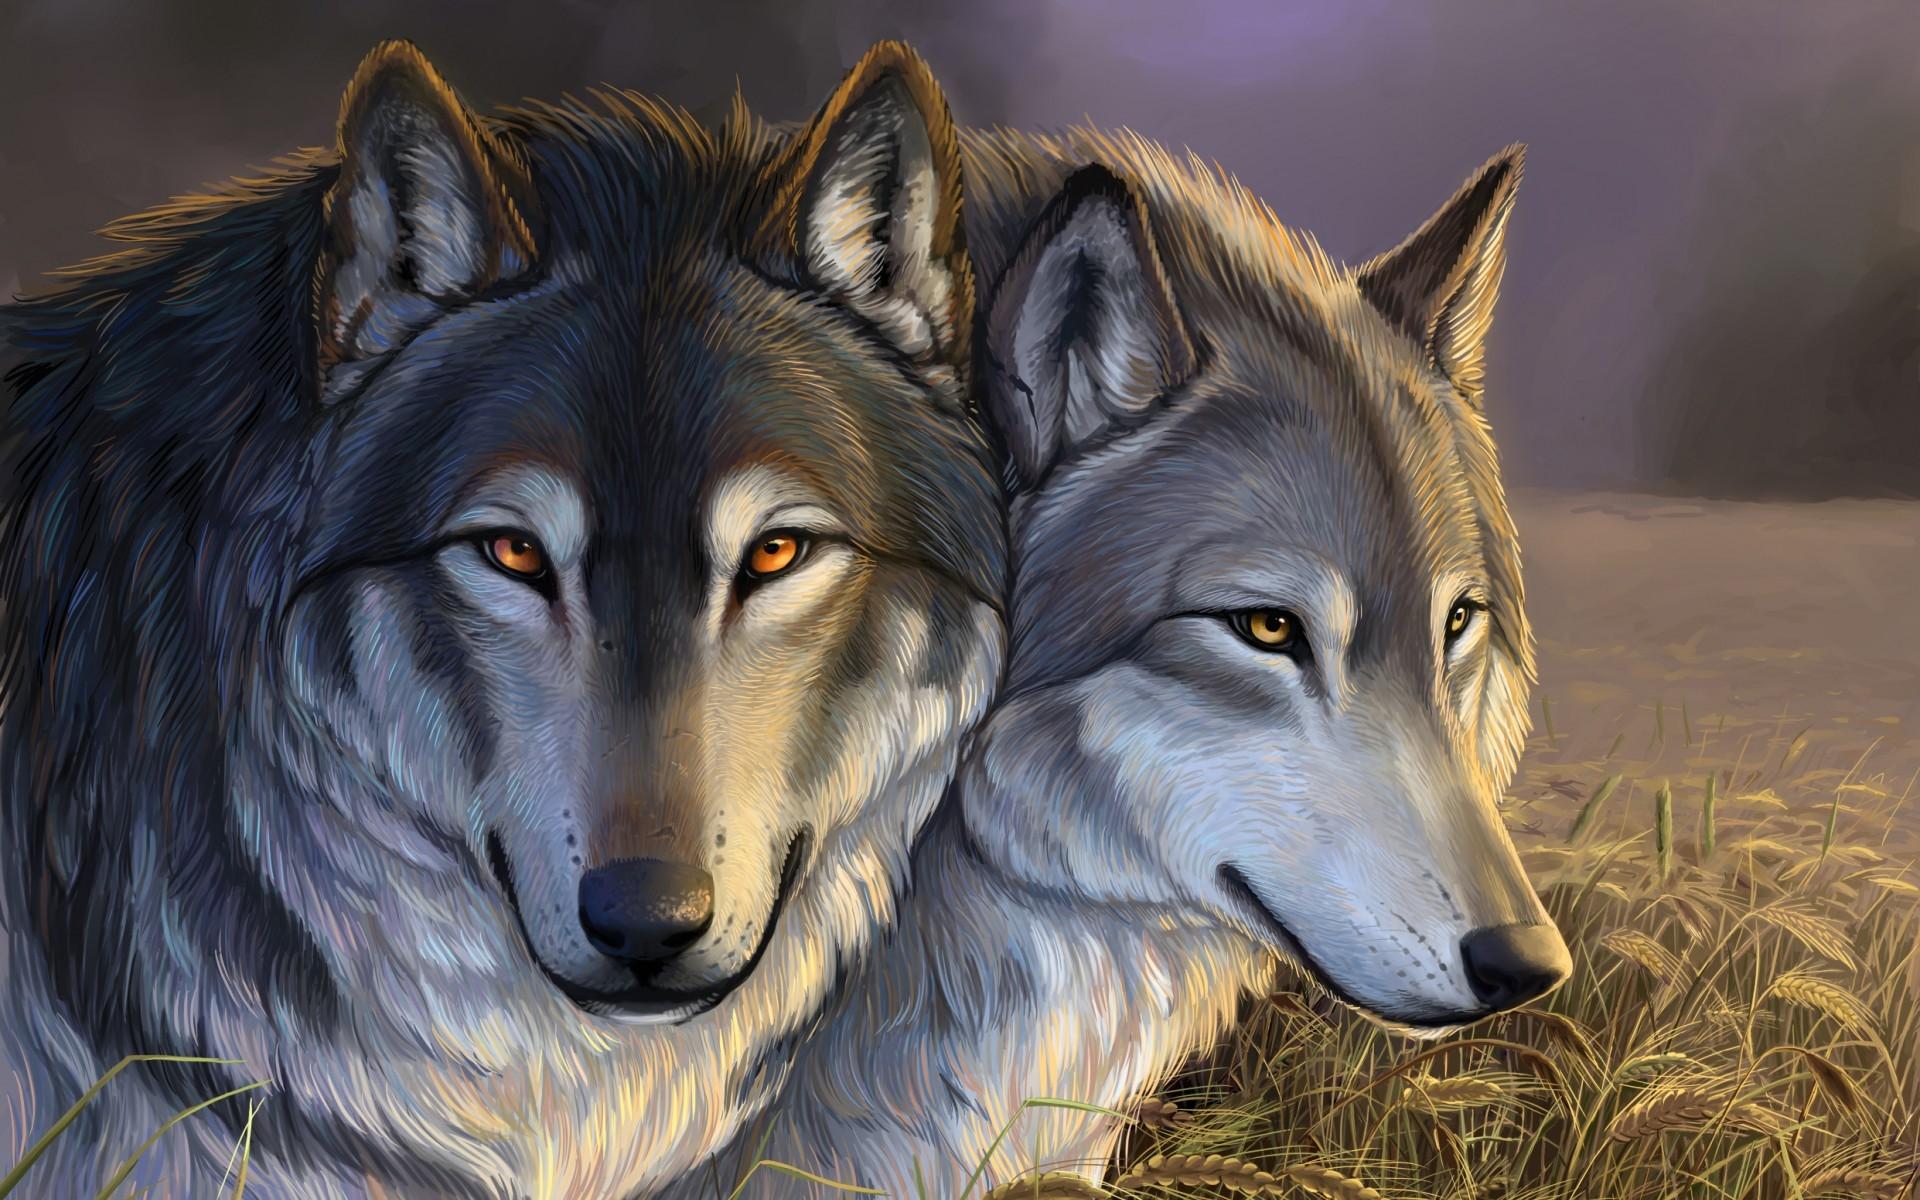 Картинки Волки скачать на рабочий стол бесплатно (5)